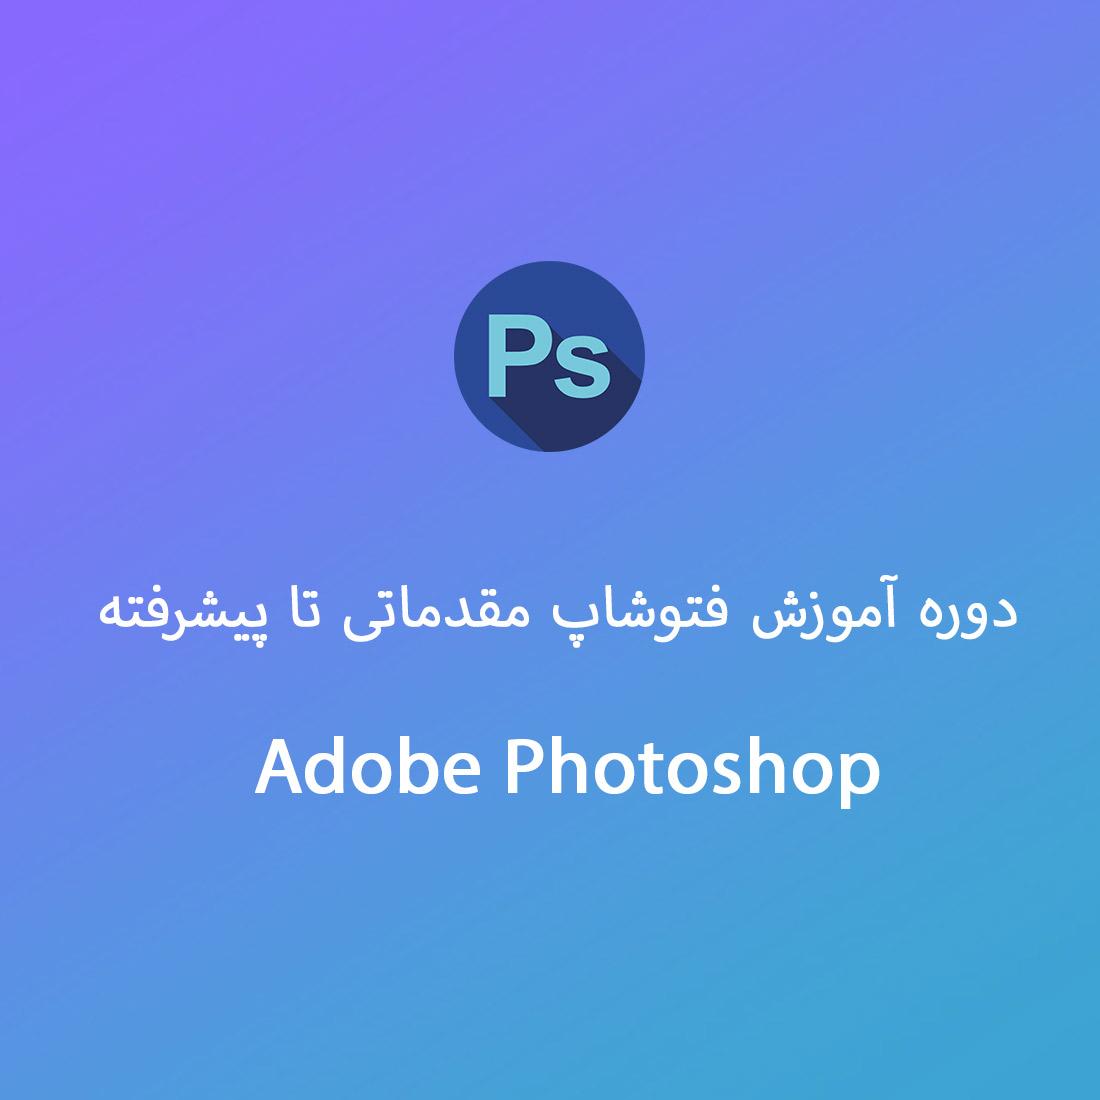 1. دوره آموزش رایگان فتوشاپ مقدماتی تا پیشرفته Adobe Photoshop